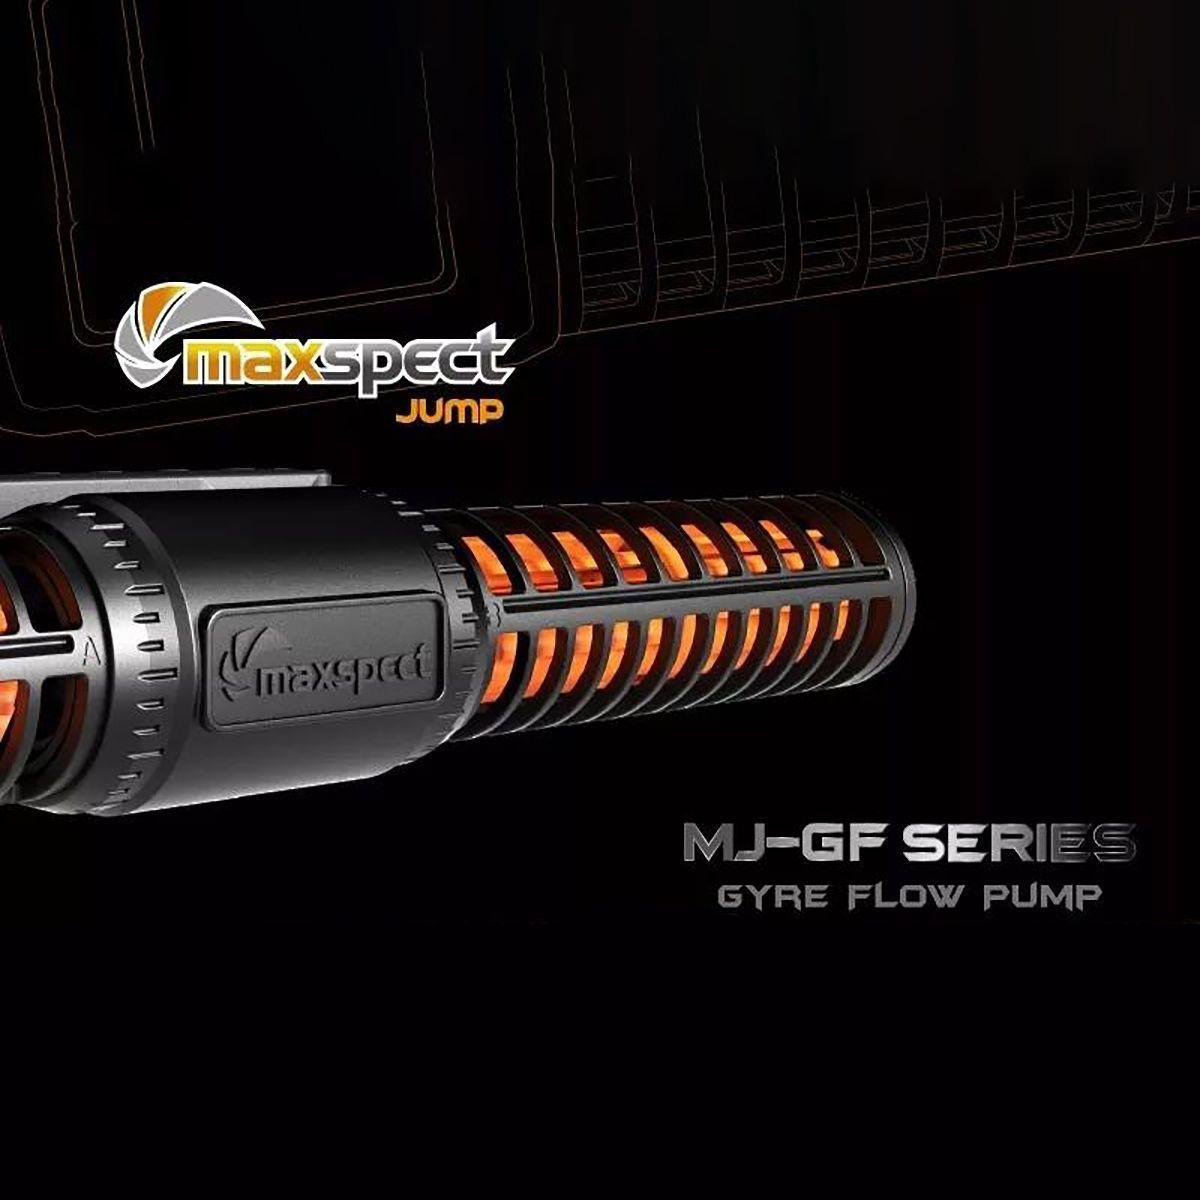 Bomba Circulação Glamorca Gyre Gp3 C/ Controlador 11000 L/h